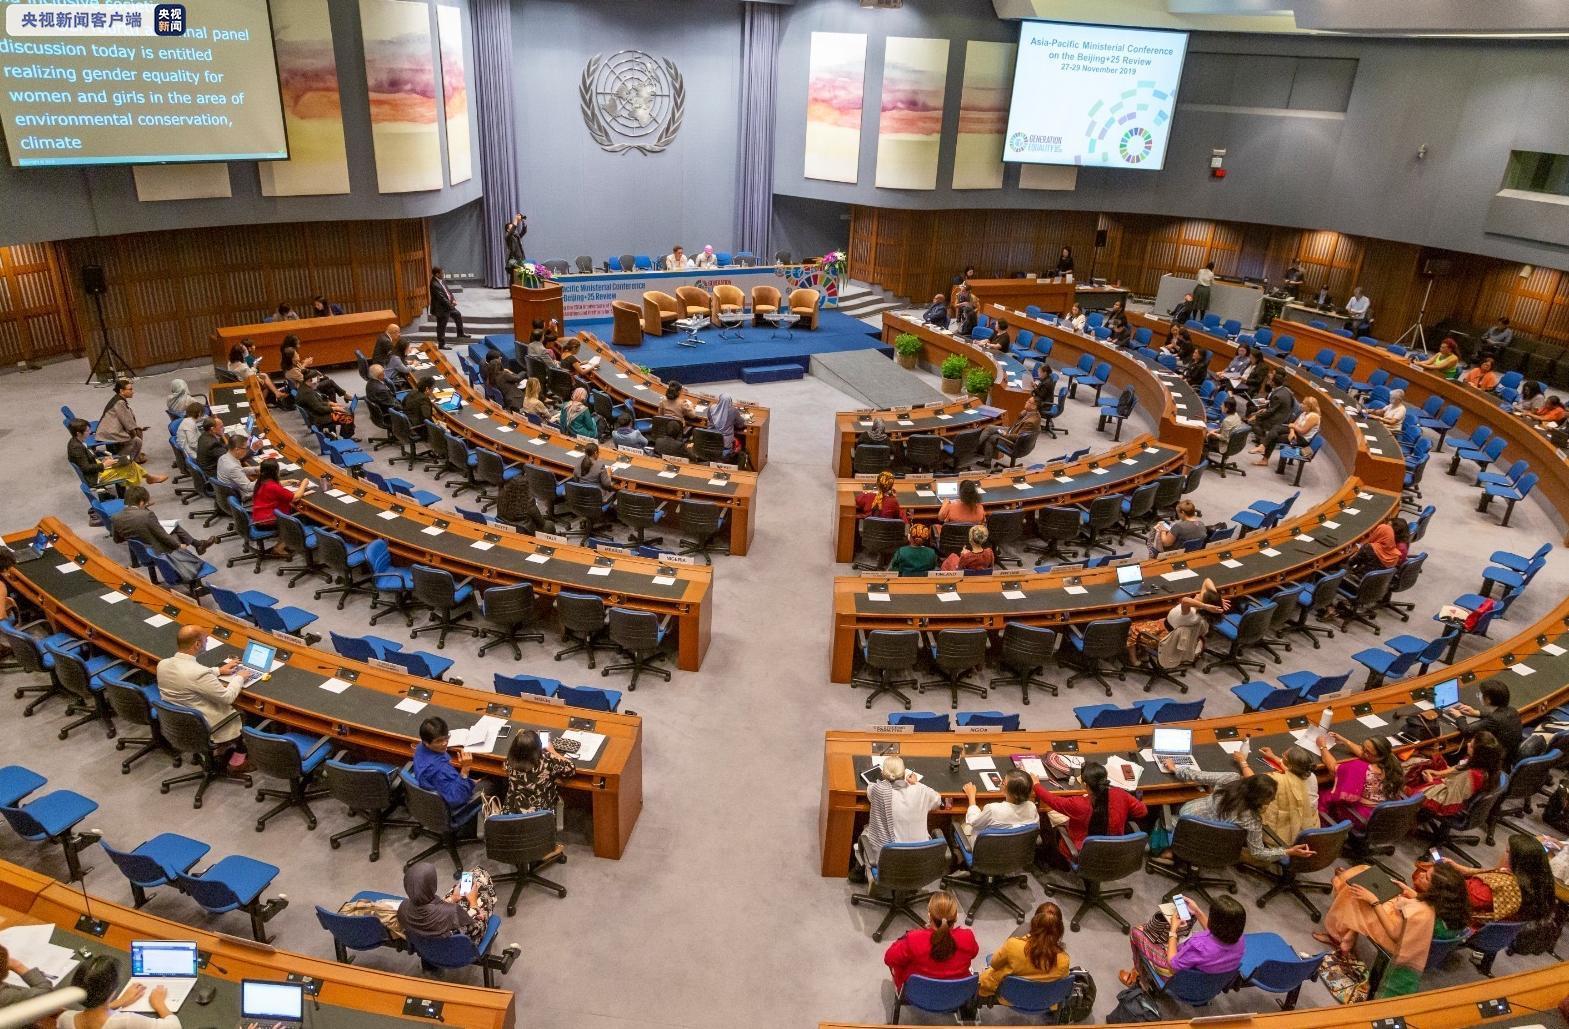 联合国会议通过这项宣言 美国投下唯一反对票